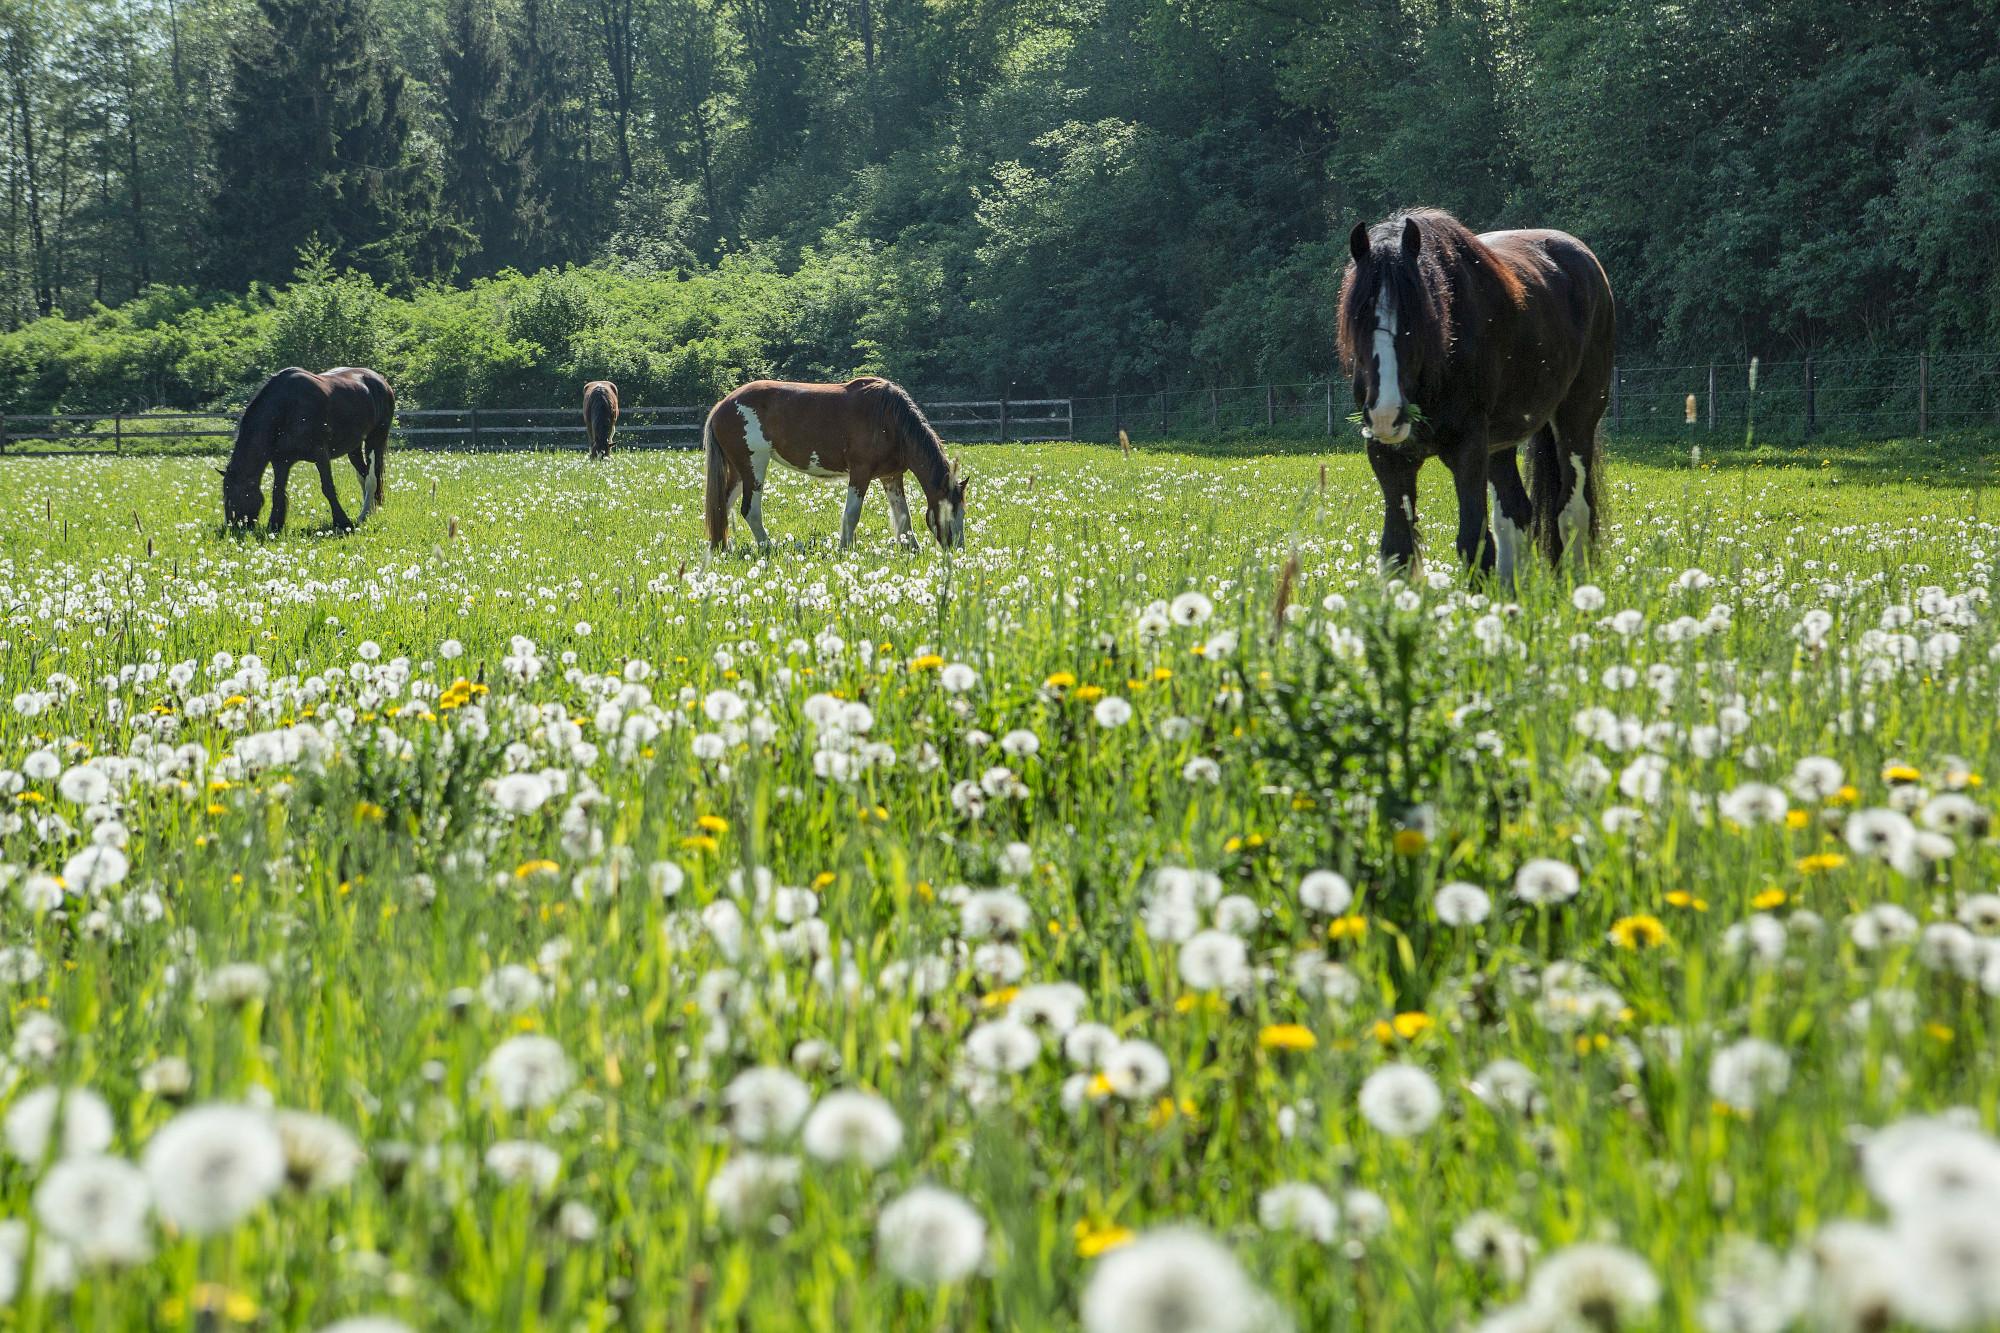 pferde-auf-wiese-beim-grasen